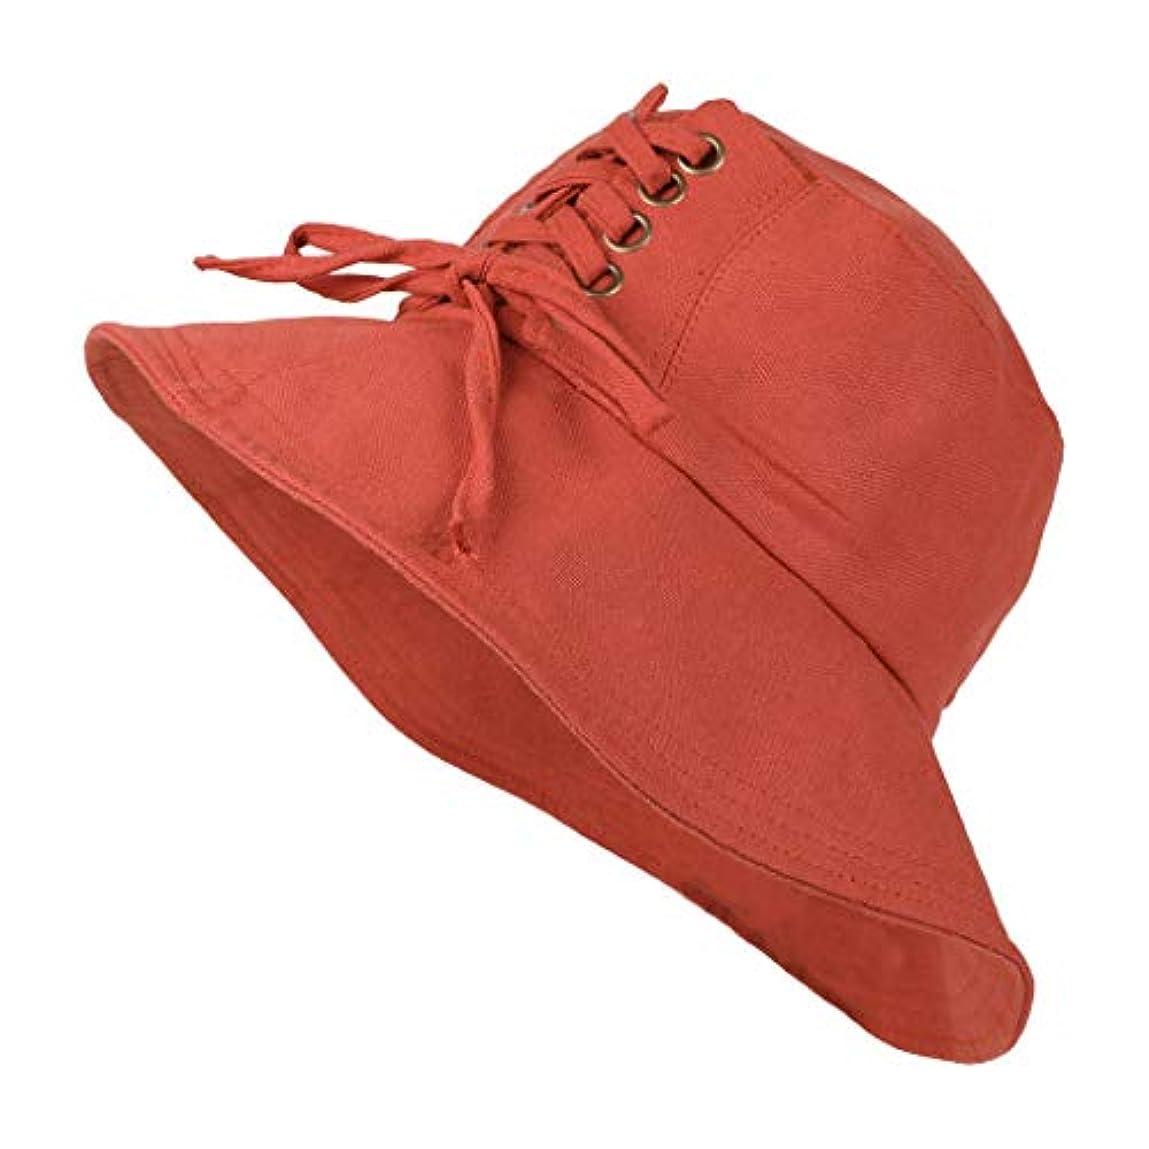 安心させる義務付けられた洞察力のあるUVカット 帽子 レディース 日よけ 帽子 レディース ハット つば広 ハット日よけ 折りたたみ 夏季 女優帽 小顔効果抜群 日よけ 小顔 UV対策 おしゃれ 可愛い ハット ニット帽 キャップ レディース ROSE ROMAN